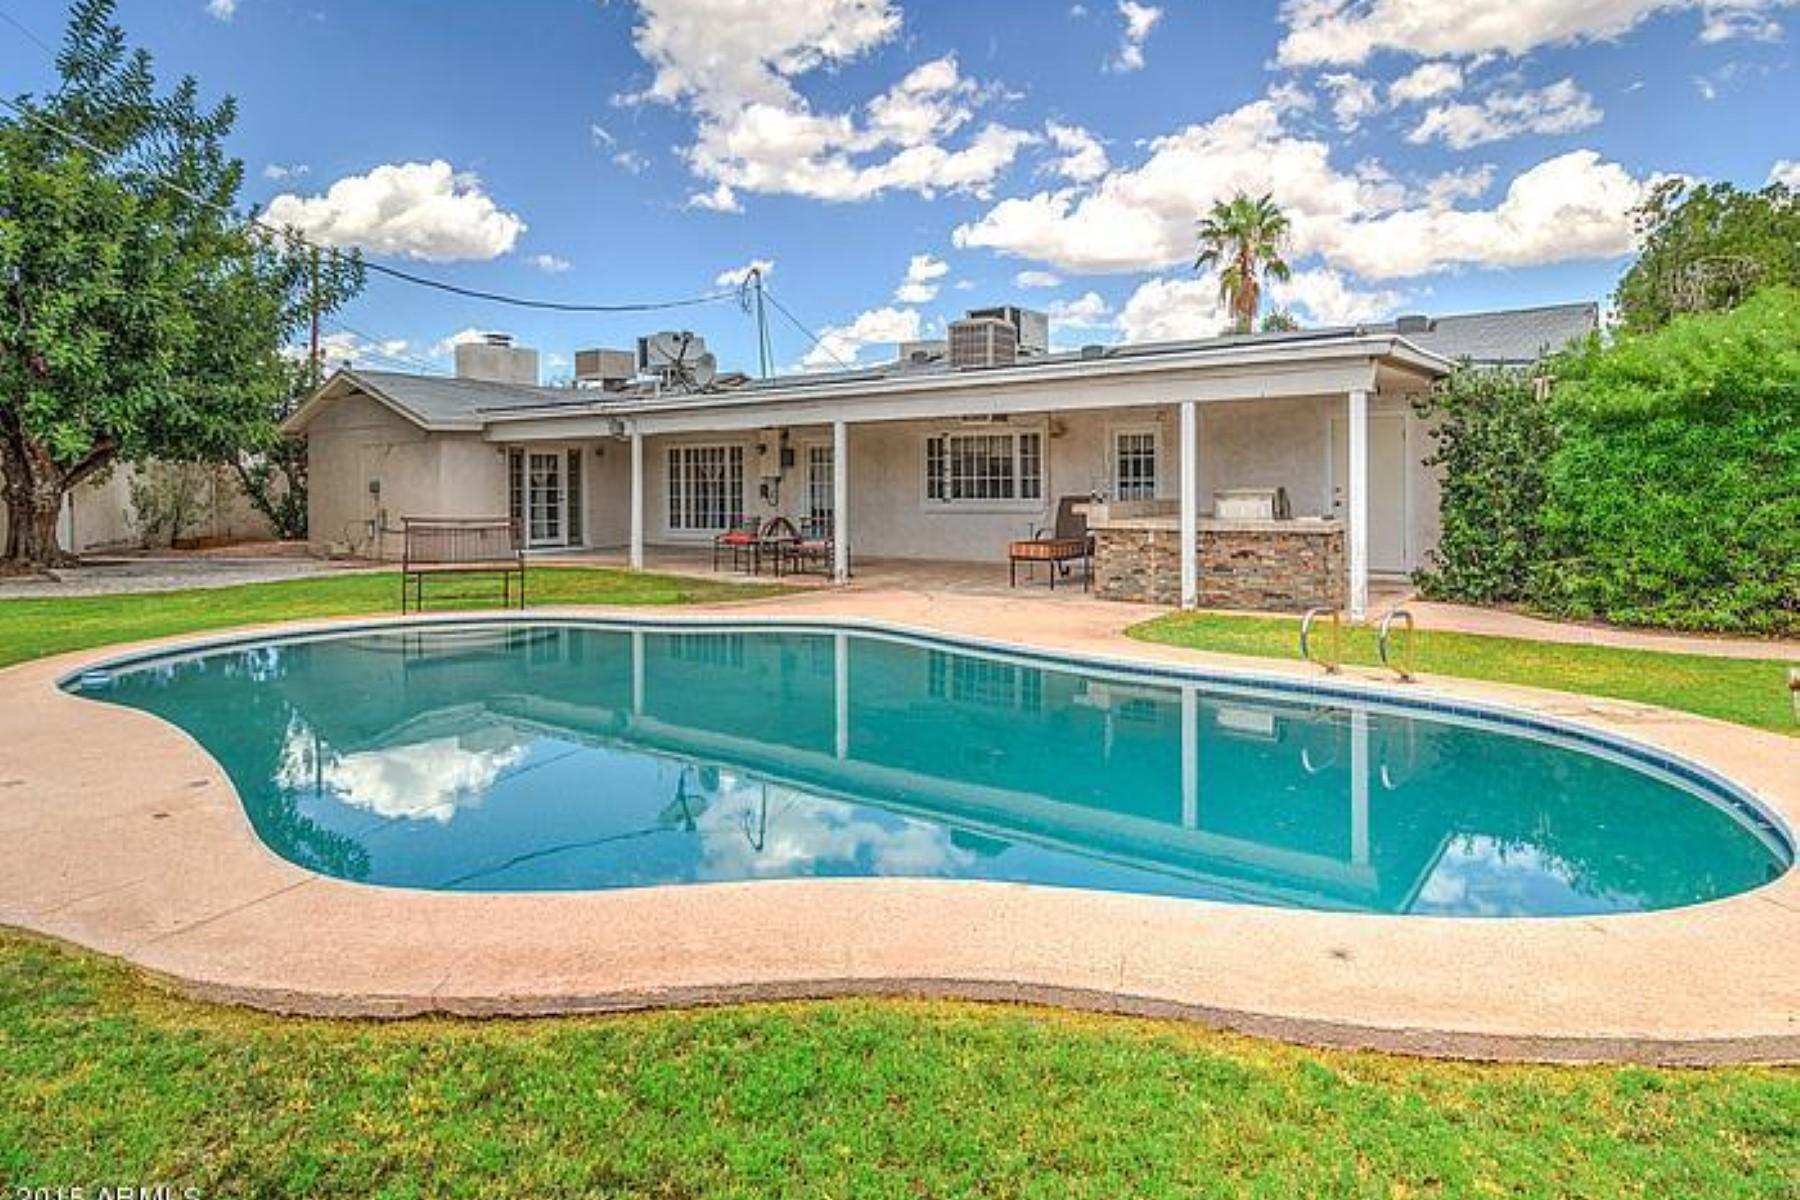 独户住宅 为 销售 在 Unique property offers amazing outdoor living with gorgeous pool 2424 N 68TH PL Scottsdale, 亚利桑那州 85257 美国